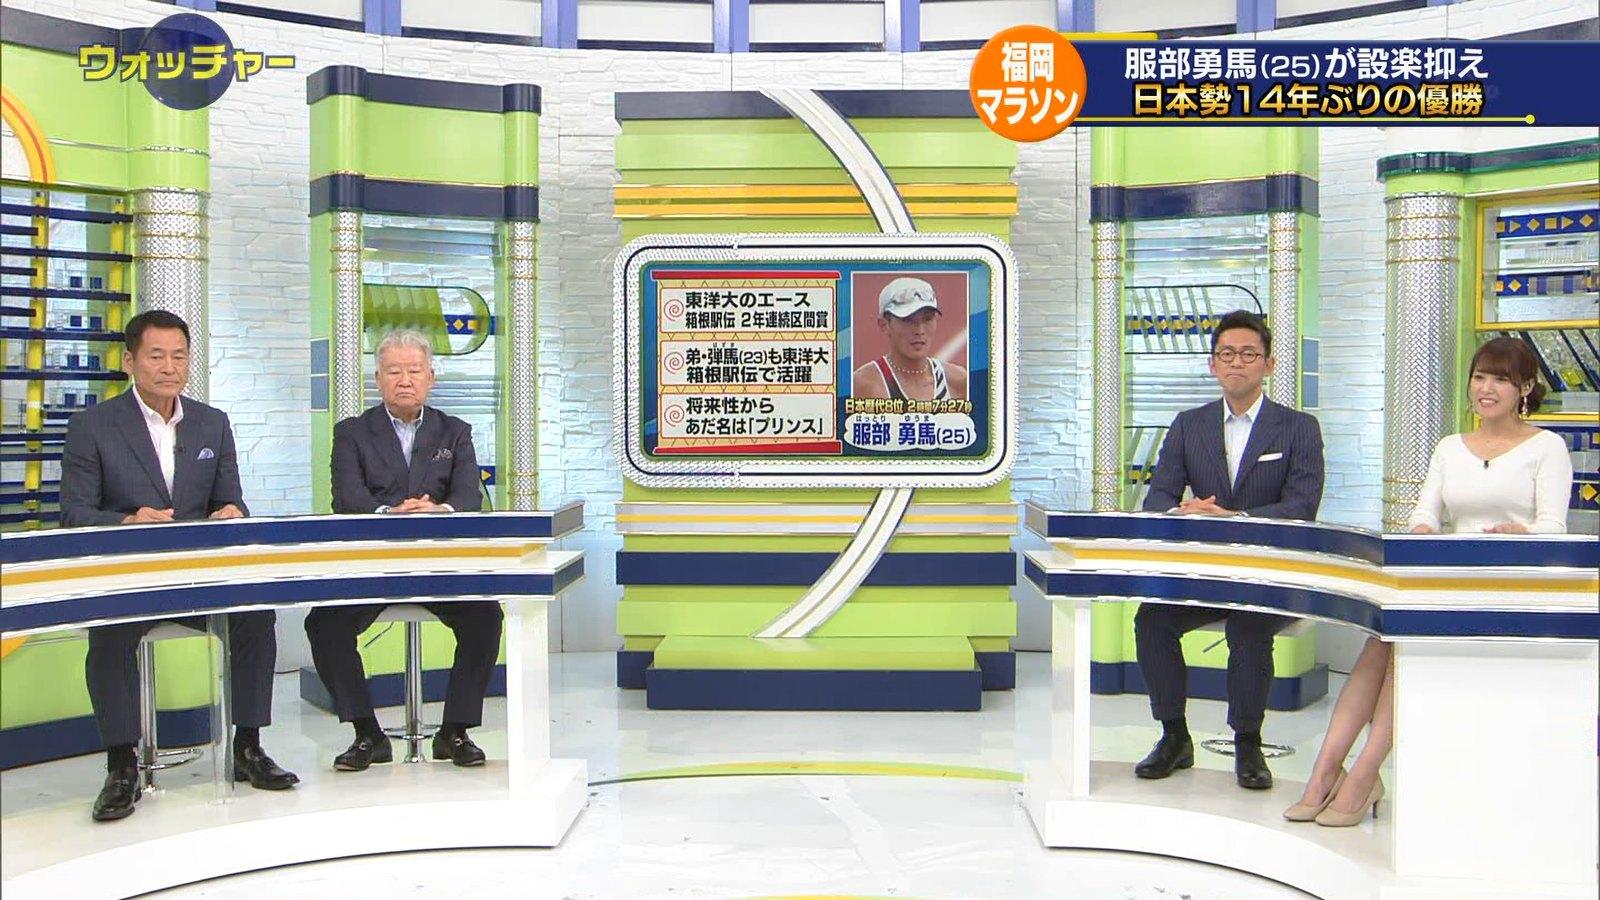 鷲見玲奈_女子アナ_ニットおっぱい_テレビキャプ画像_18